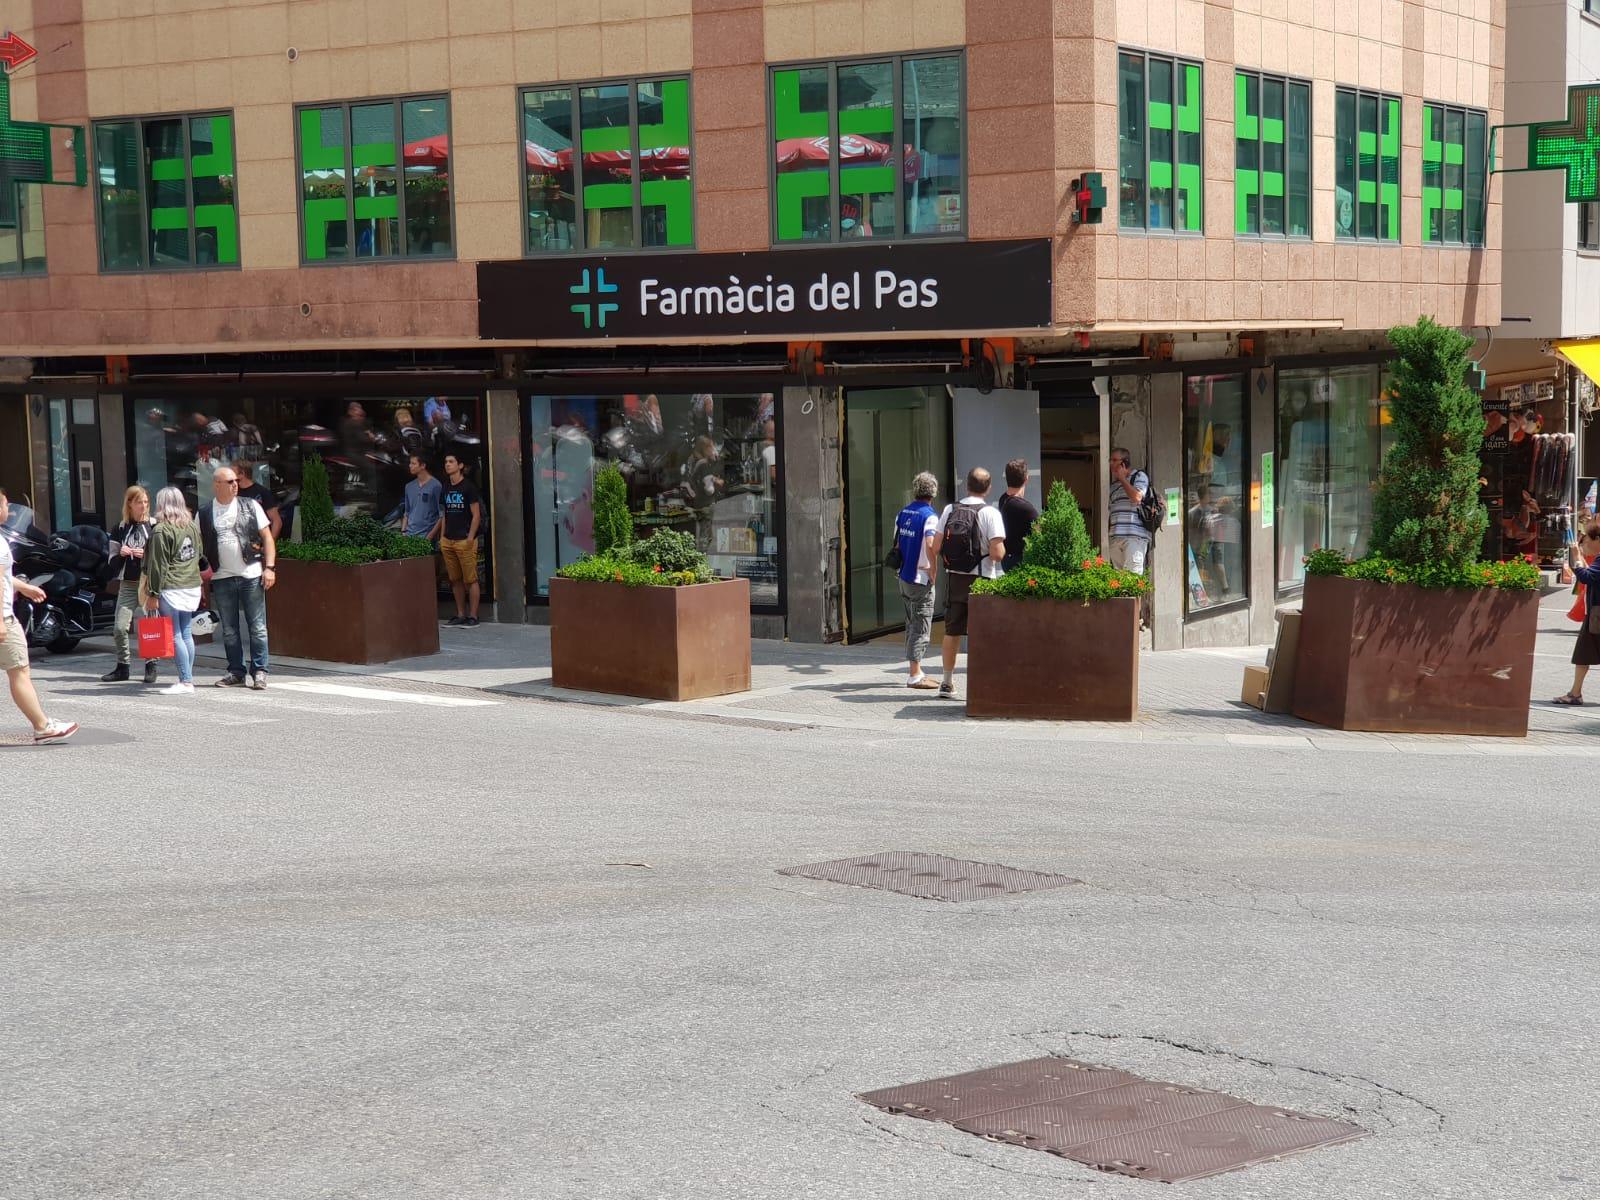 Au Pas classe bouge La pharmacie del Pas ouvre une parapharmacie !